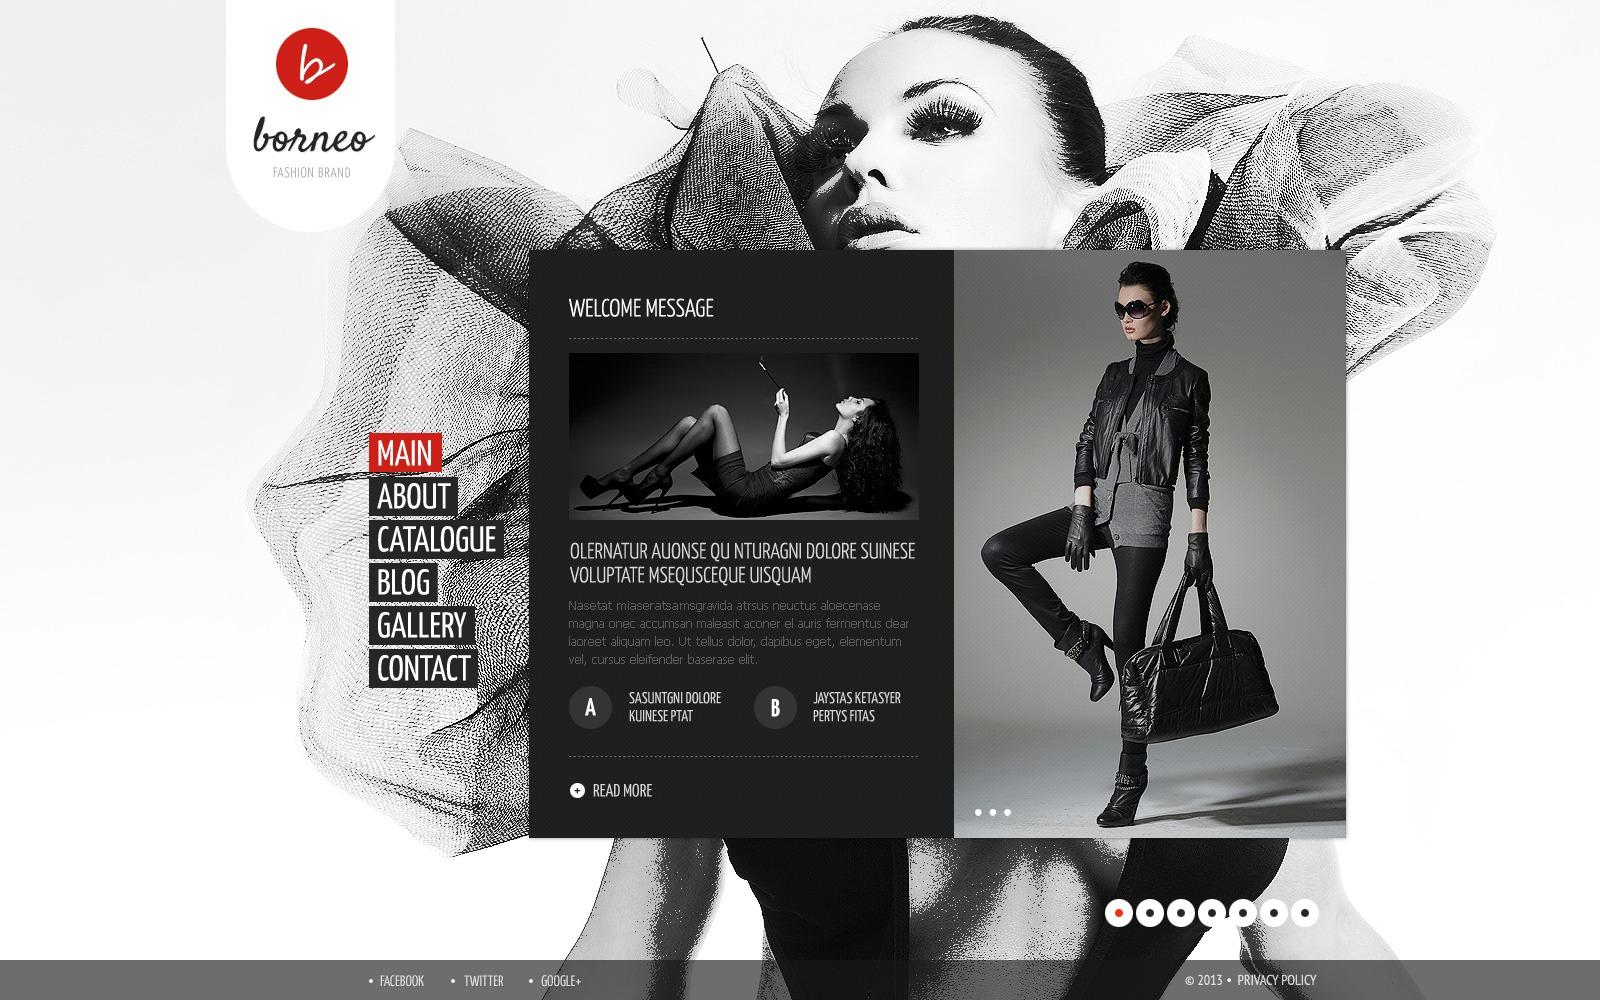 Szablon Strona Www #43427 na temat: odzież - zrzut ekranu